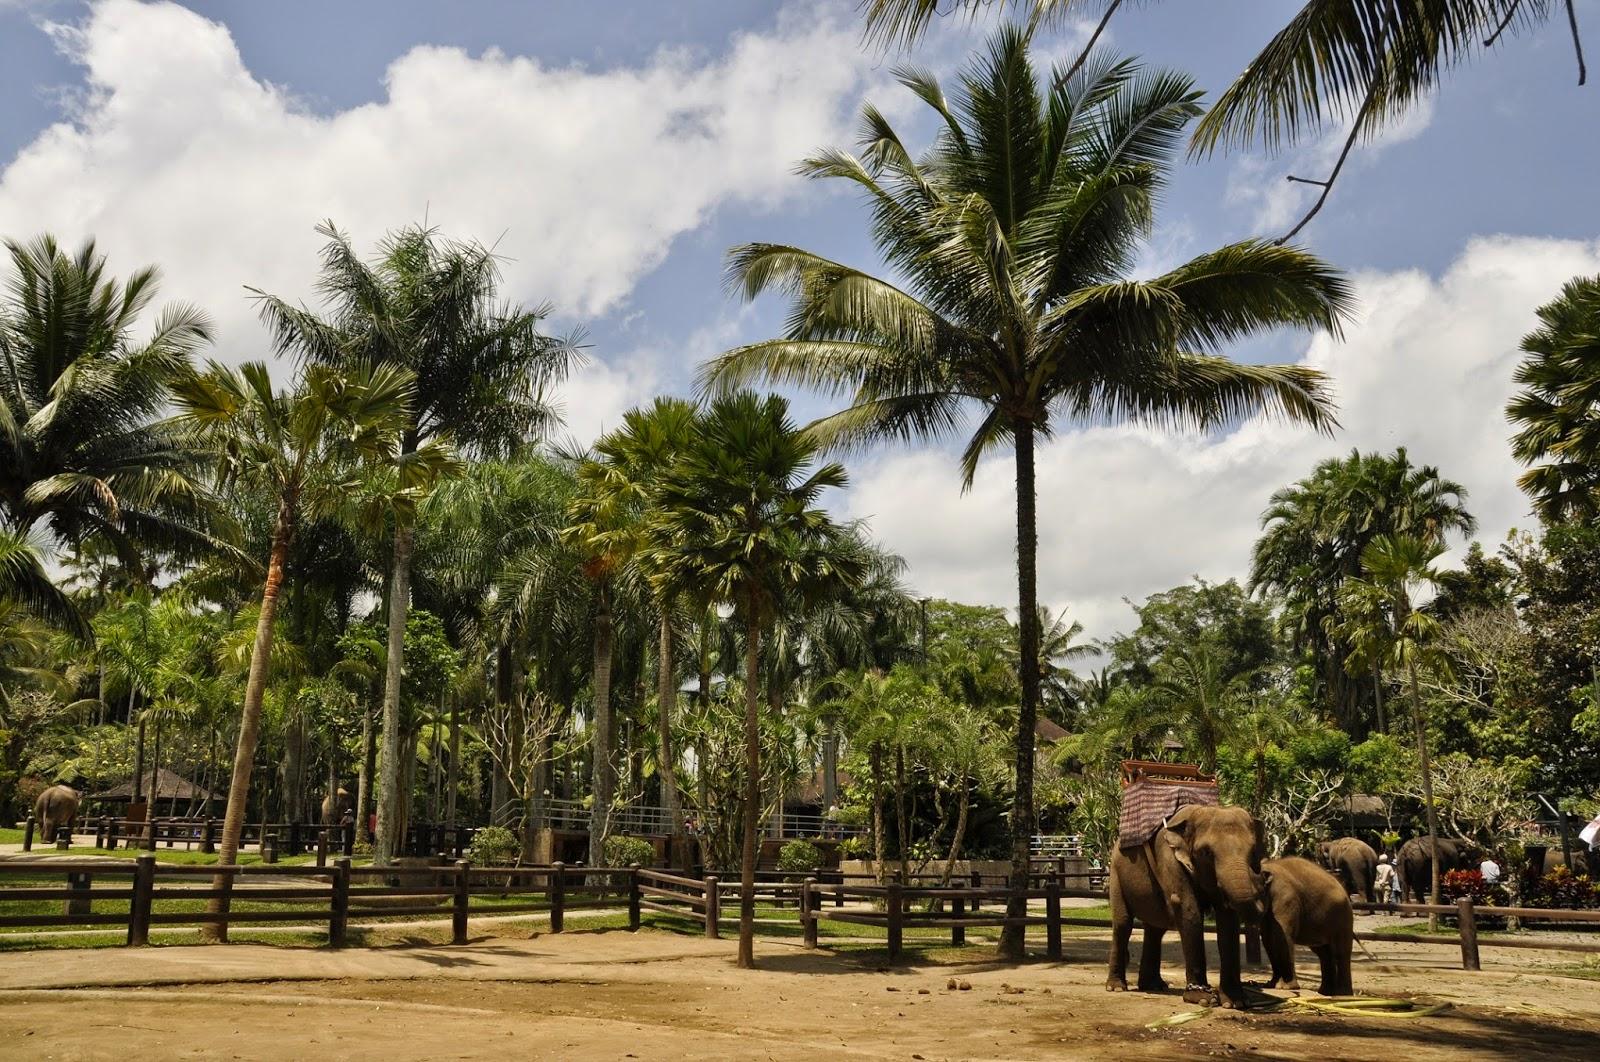 INDONESIA: Excursiones y actividades con niños por los alrededores de Ubud en Bali